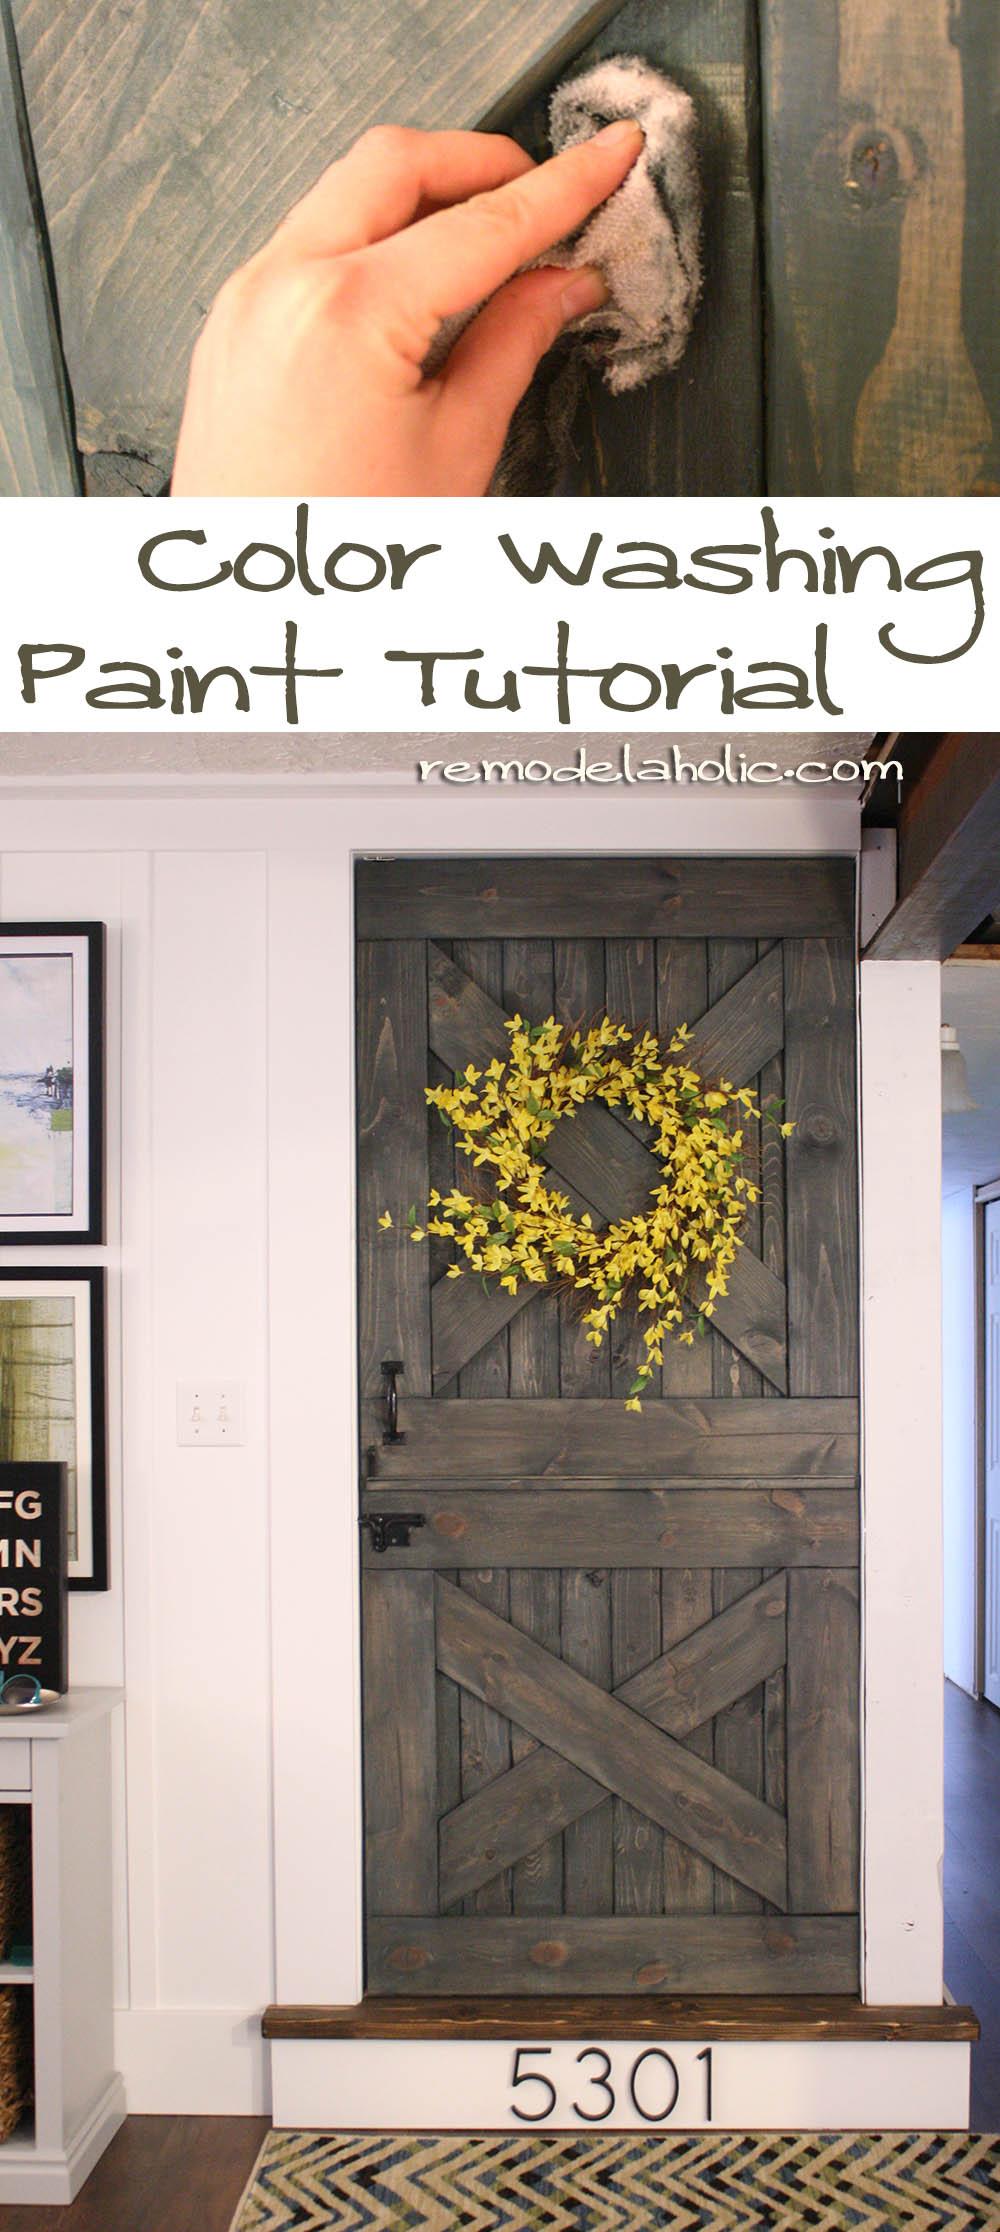 Rustic wood grain rustic wood furniture grain - Color Washing Paint Technique Wood Grain Still Shows Barn Door Paint Barn_door